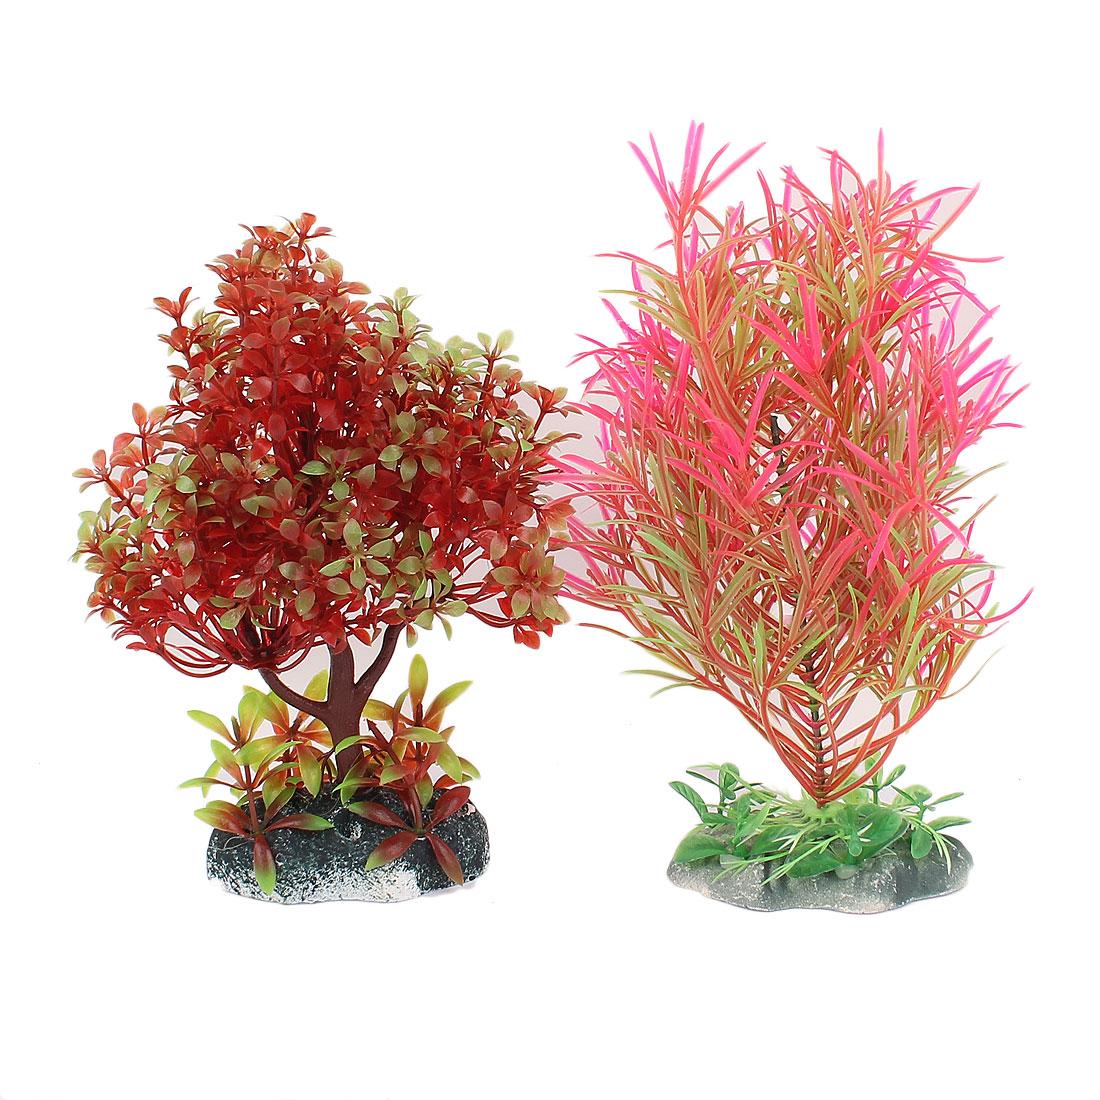 Ceramic Base Plastic Sea Weeds Plant Grass Aquarium Decoration 2 Pcs